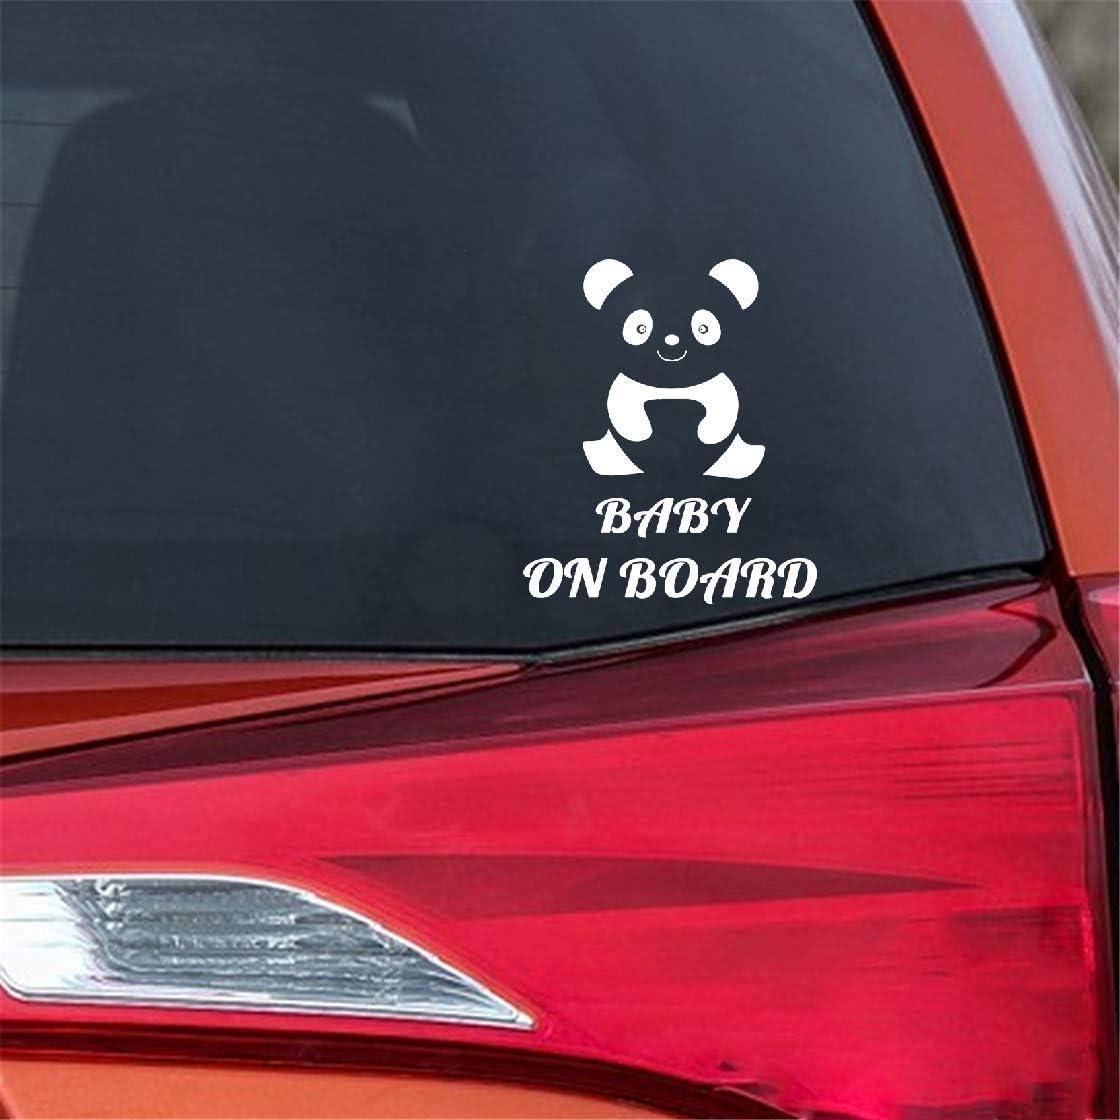 Auto Aufkleber Heckscheibenaufkleber Baby 13,5X15,8 Cm Baby Panda Niedlichen Cartoon Aufkleber Baby An Bord Warnung Auto Aufkleber Dekoration f/ür auto laptop fenster aufkleber